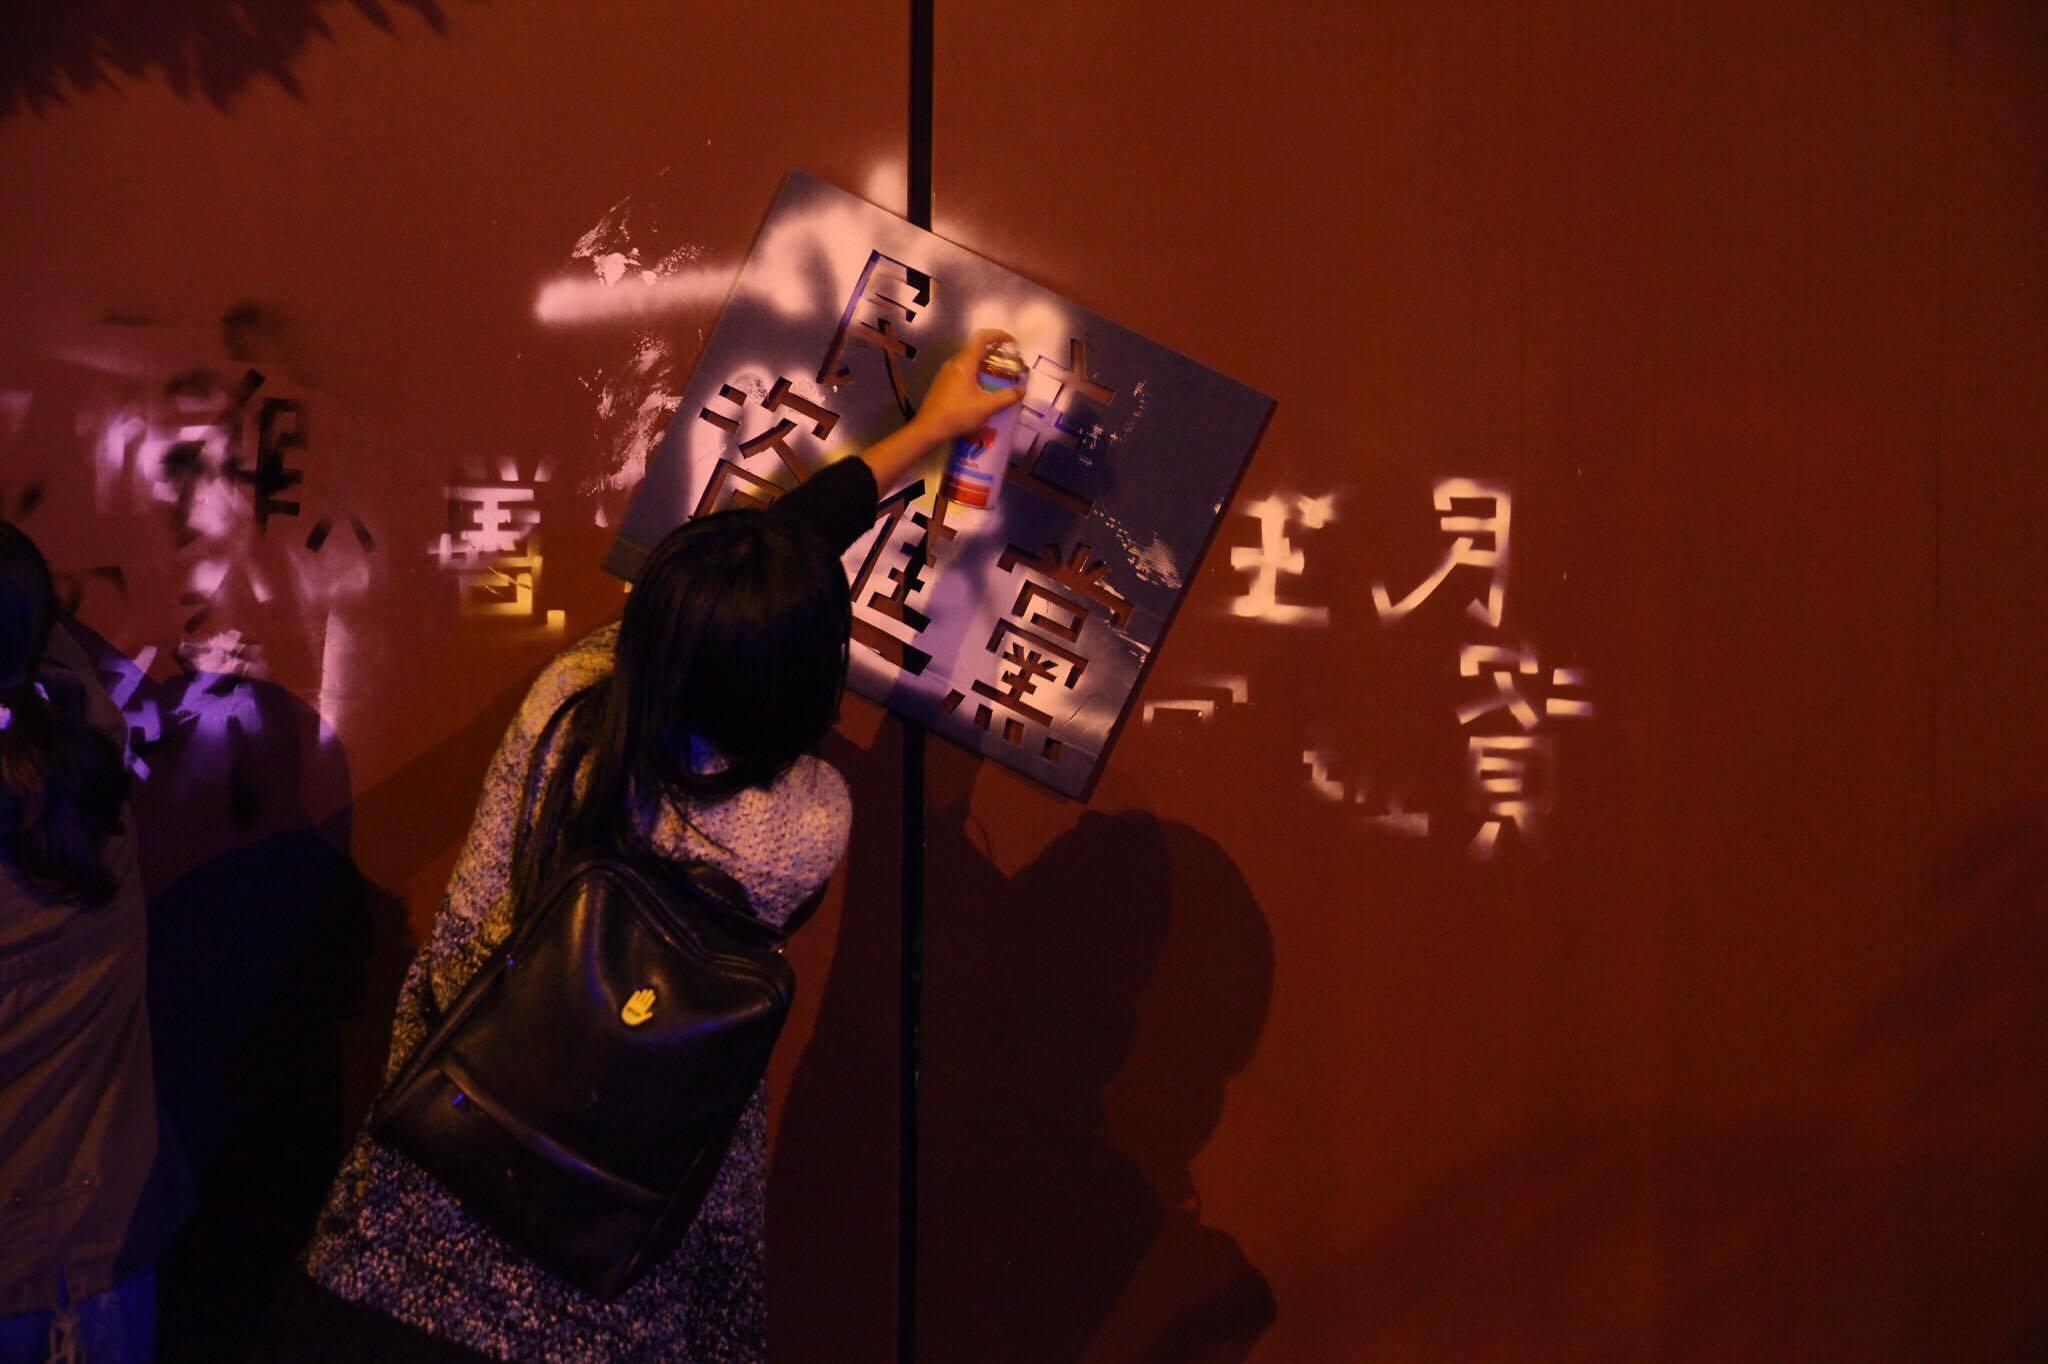 青年团体突袭彩立方平台官邸喷漆。(摄影:陈逸婷)